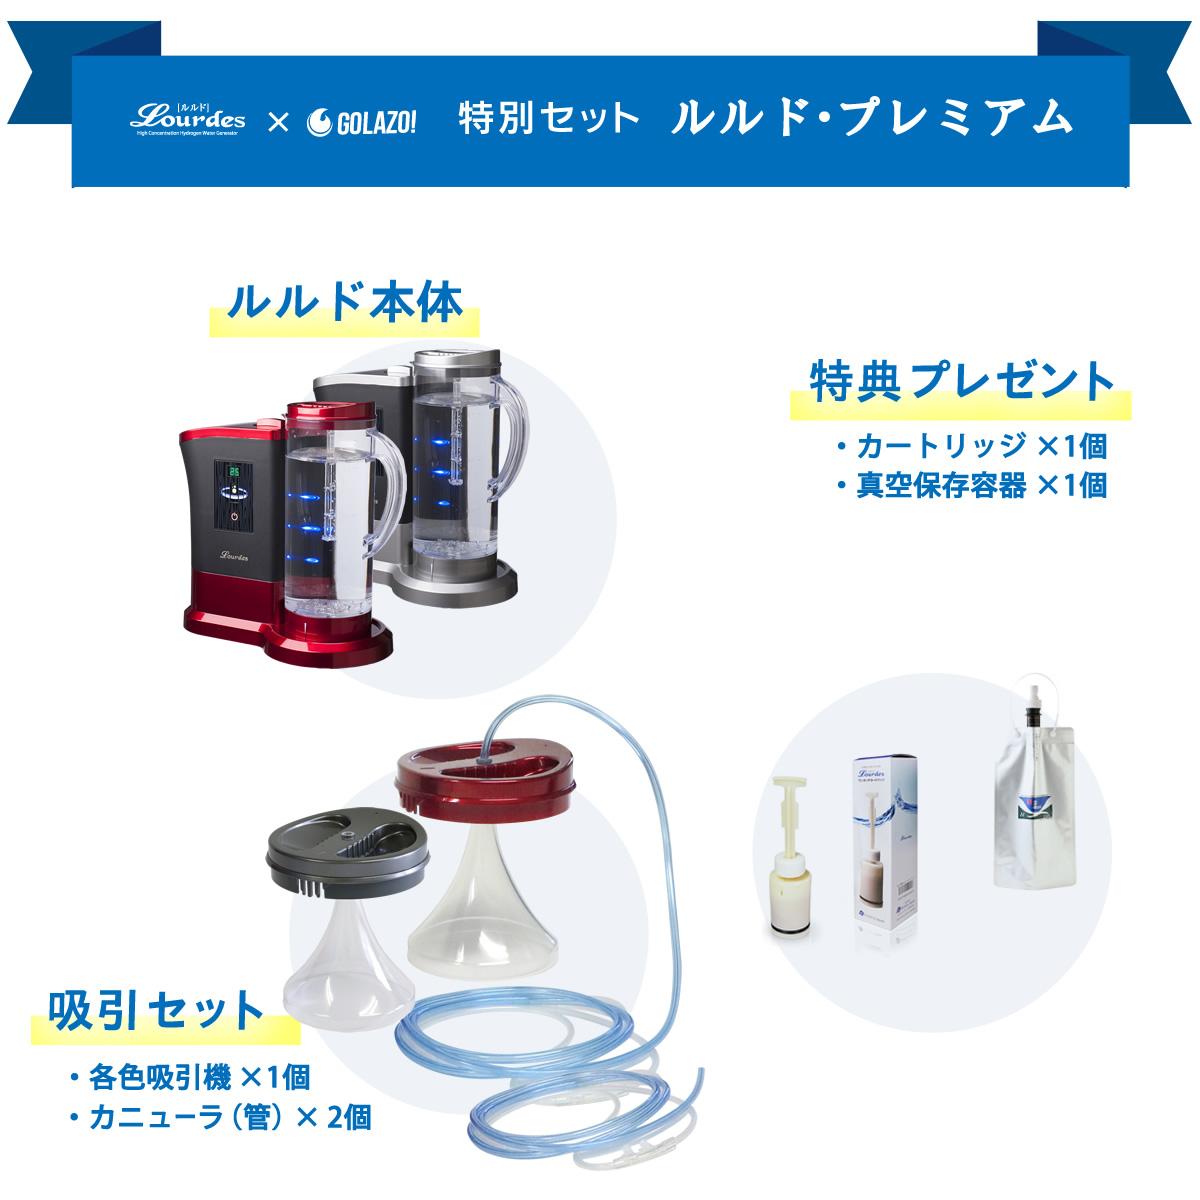 カテゴリ>水素関連商品>水素サーバー(ルルド)